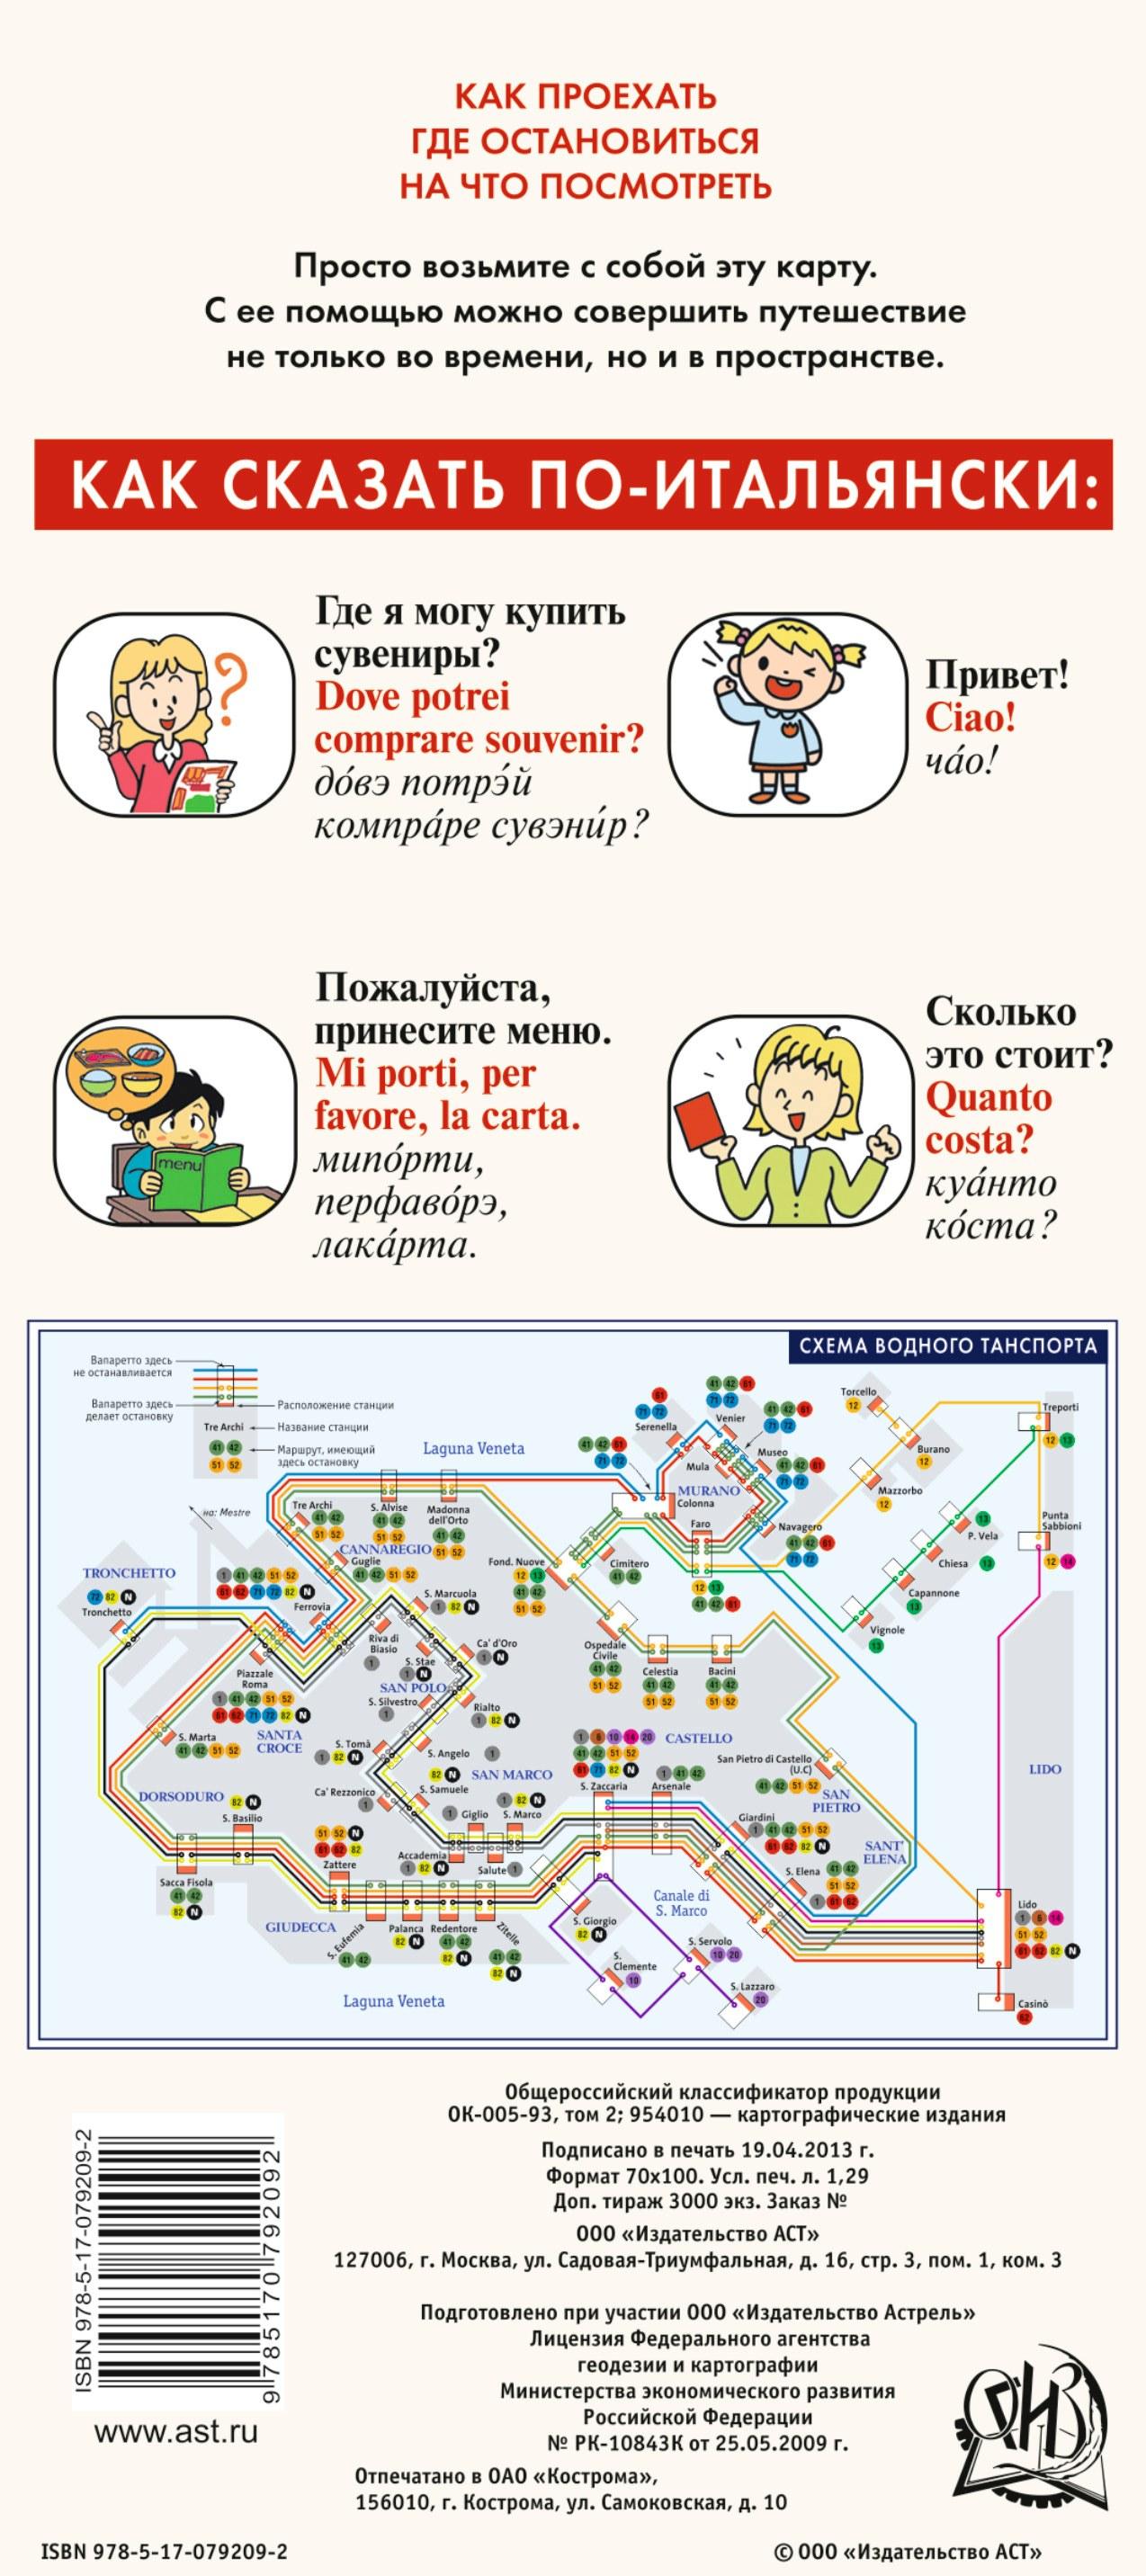 Венеция. Русско-итальянский разговорник. Схема водного транспорта. Карта. Достопримечательности